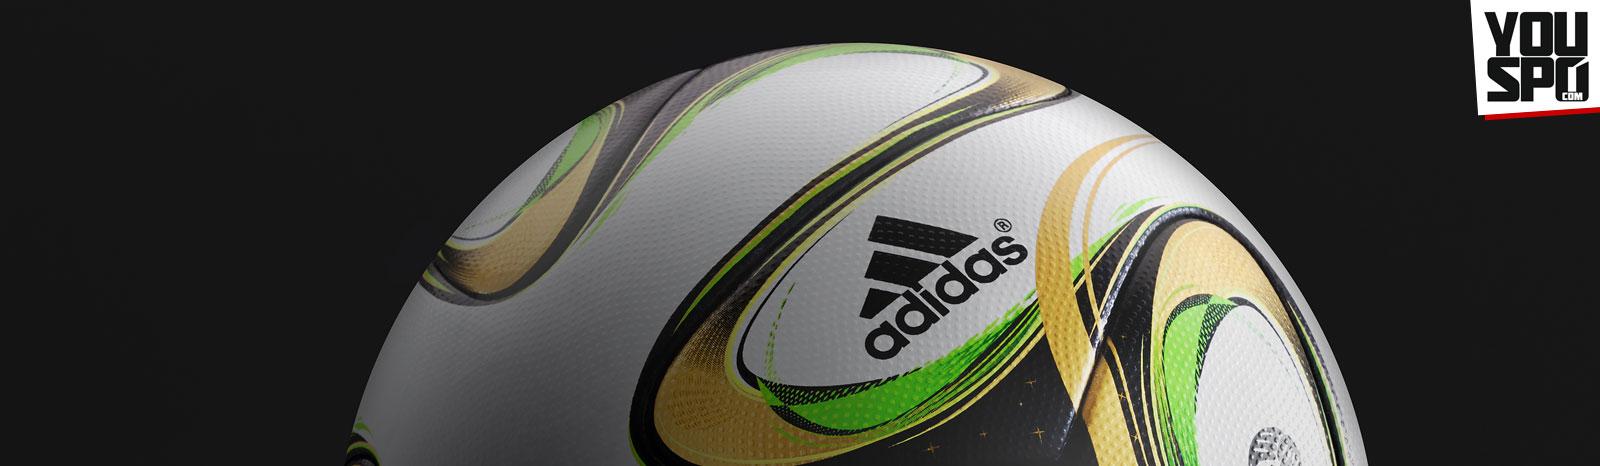 Adidas Brazuca Finale Rio Spielball für das WM 2014 Endspiel